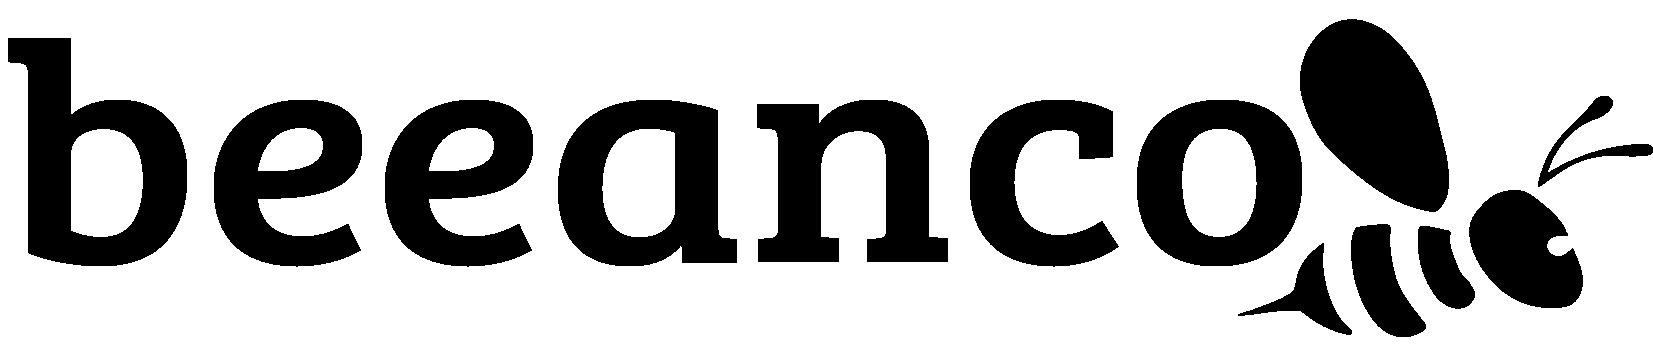 beeanco